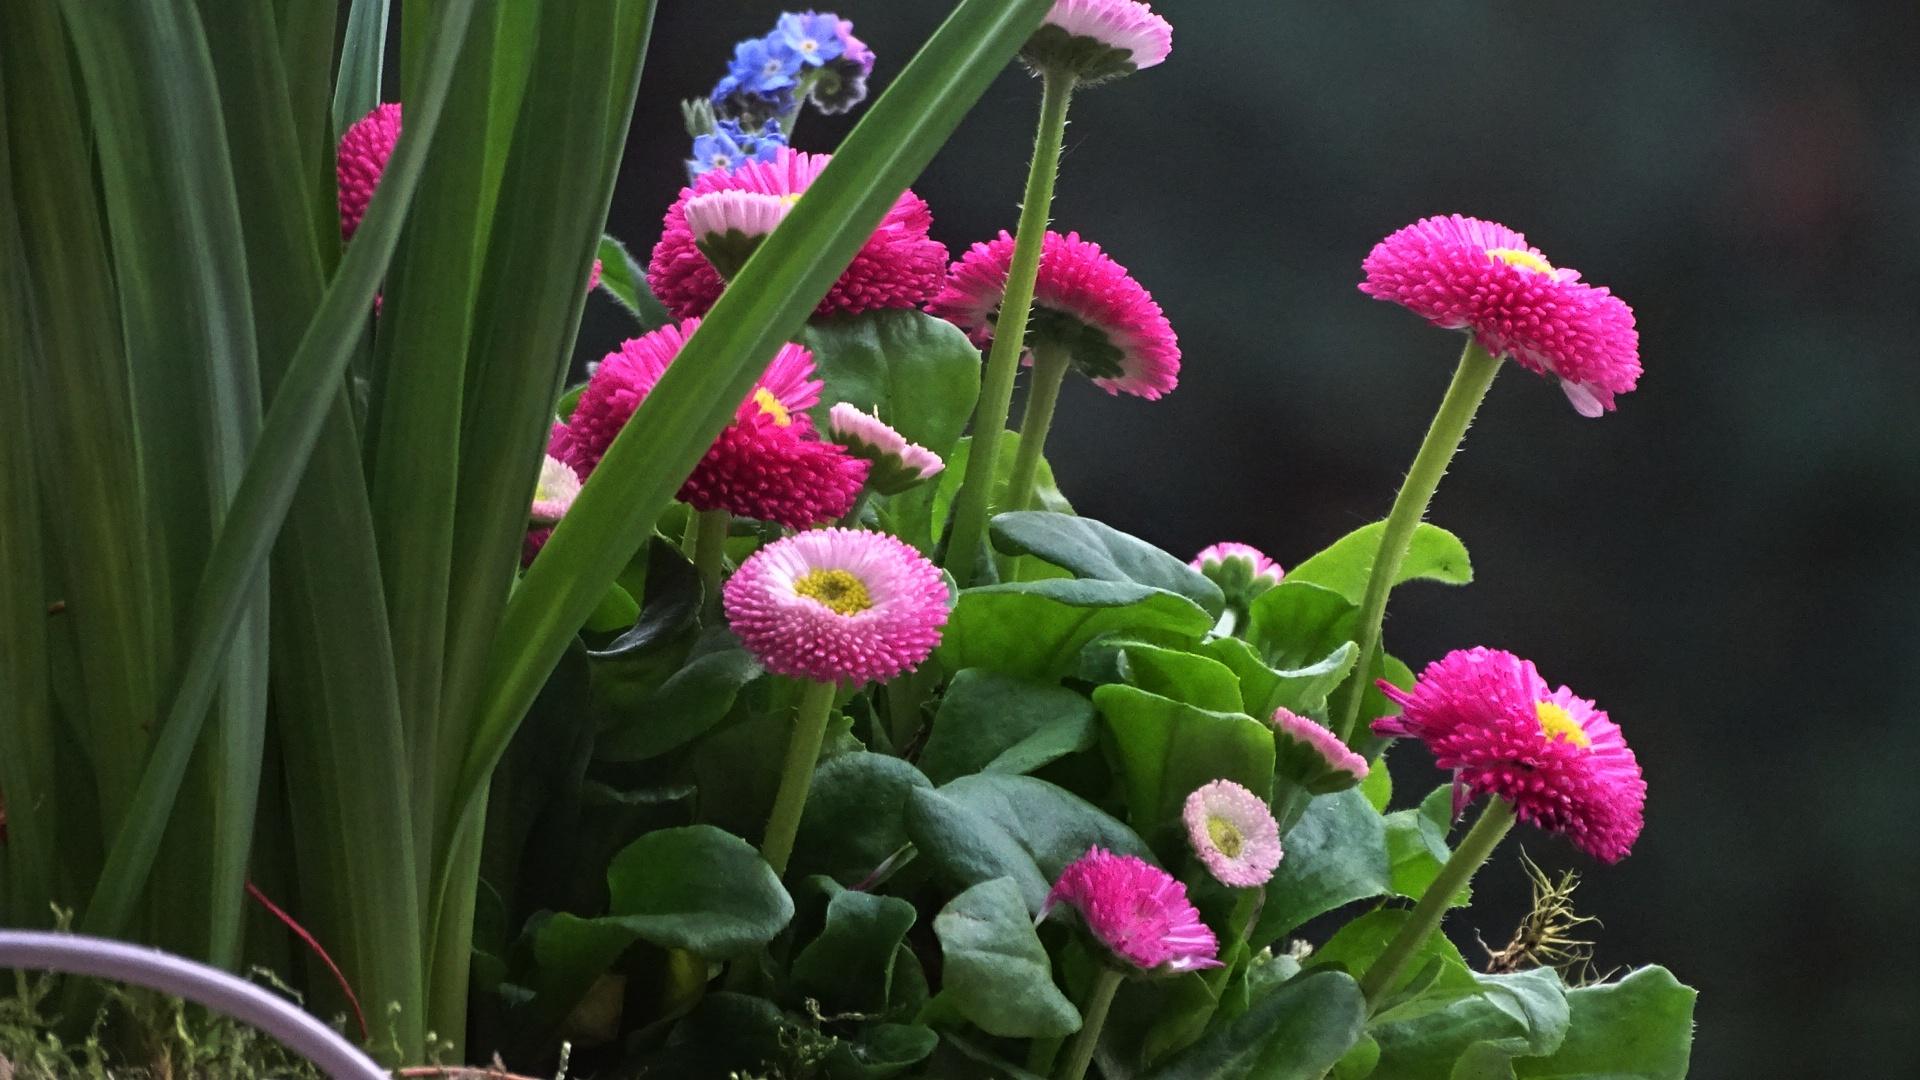 Gänseblümchen vor grünem Hintergrund